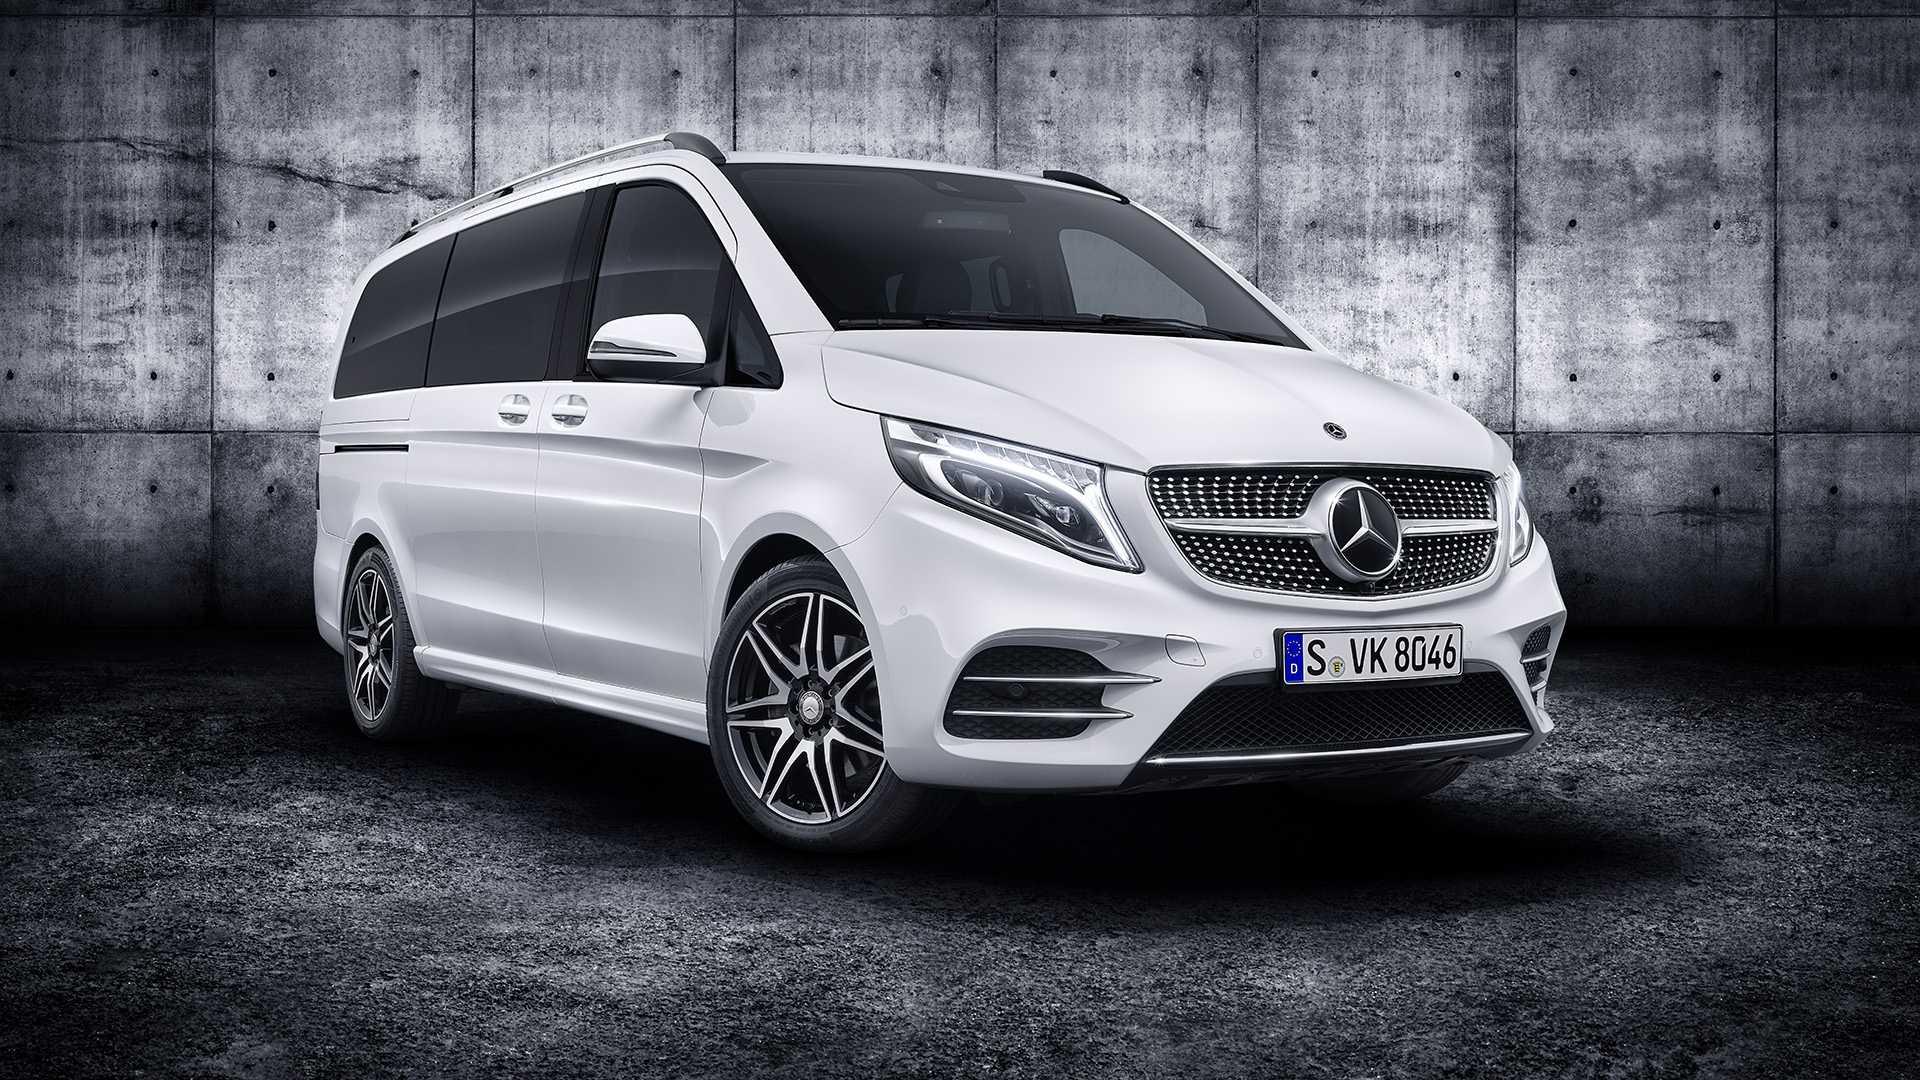 15 New Mercedes Vito 2019 Performance for Mercedes Vito 2019